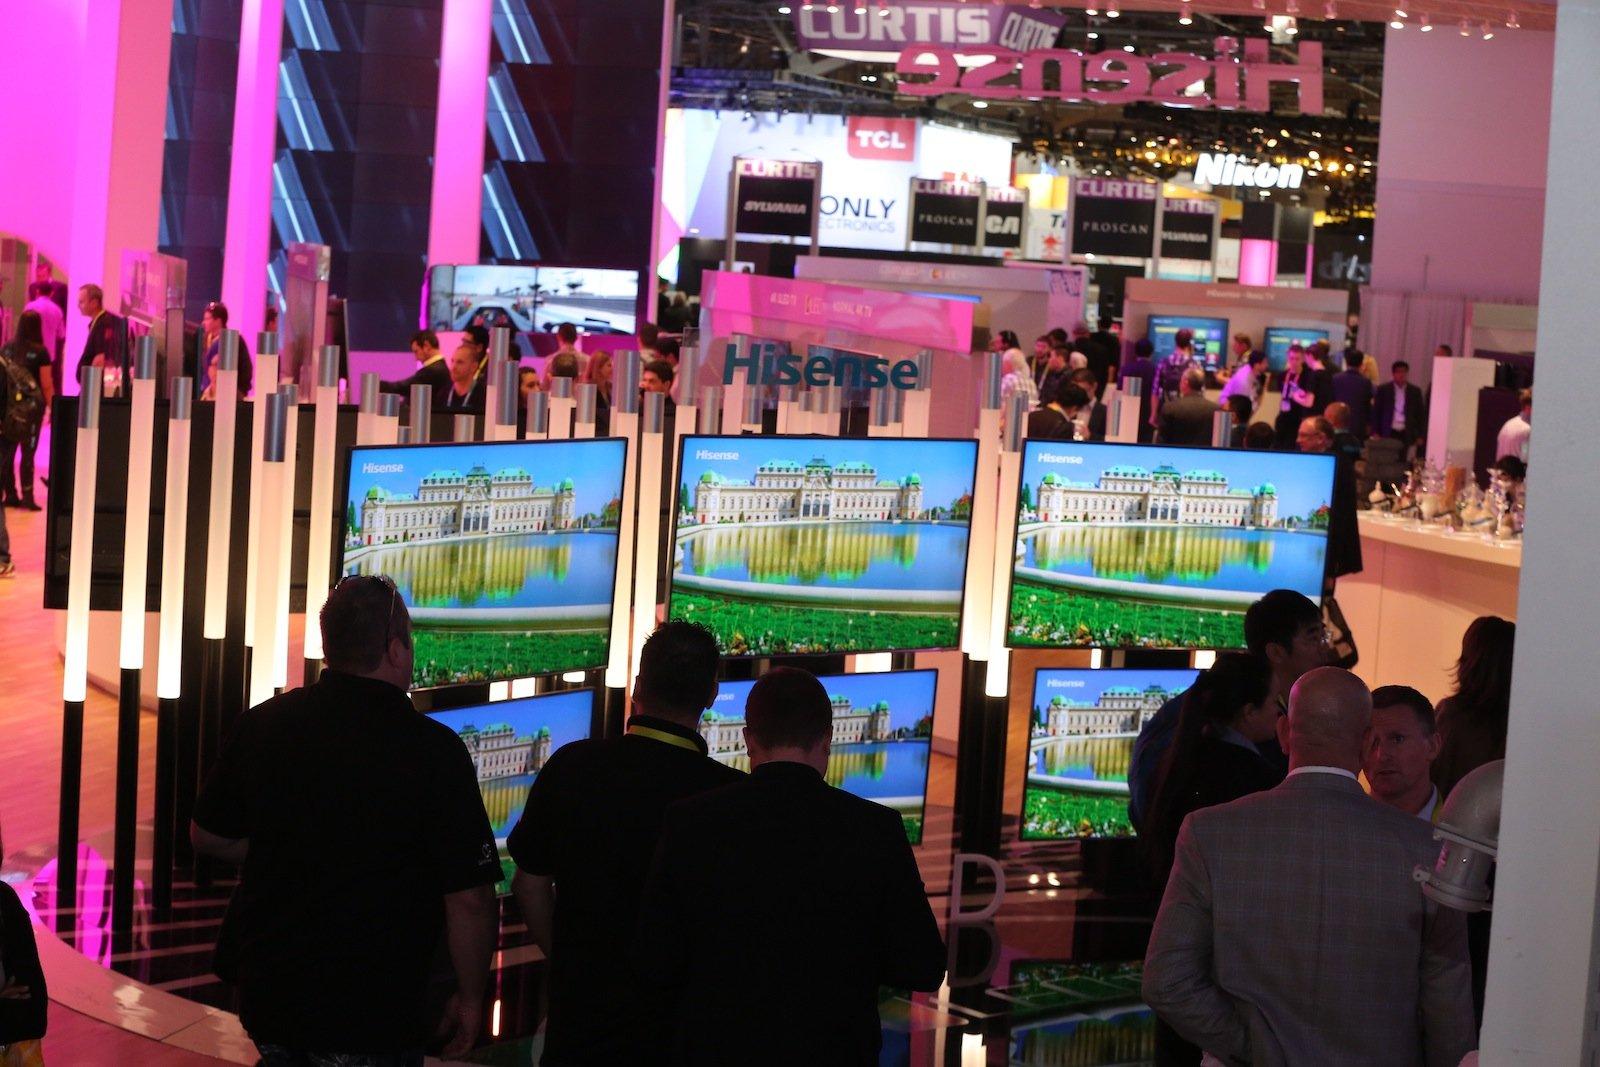 Auch 2016 werden auf der CES Neuheiten rund ums Fernsehen präsentiert. So will LG will auf der Elektronikmesse einige Neuerungen zum ultra-hochauflösenden Fernsehen präsentieren und dabei auch neue Möglichkeiten zur Vernetzung des heimischen TV-Geräts mit dem Smartphone vorstellen.